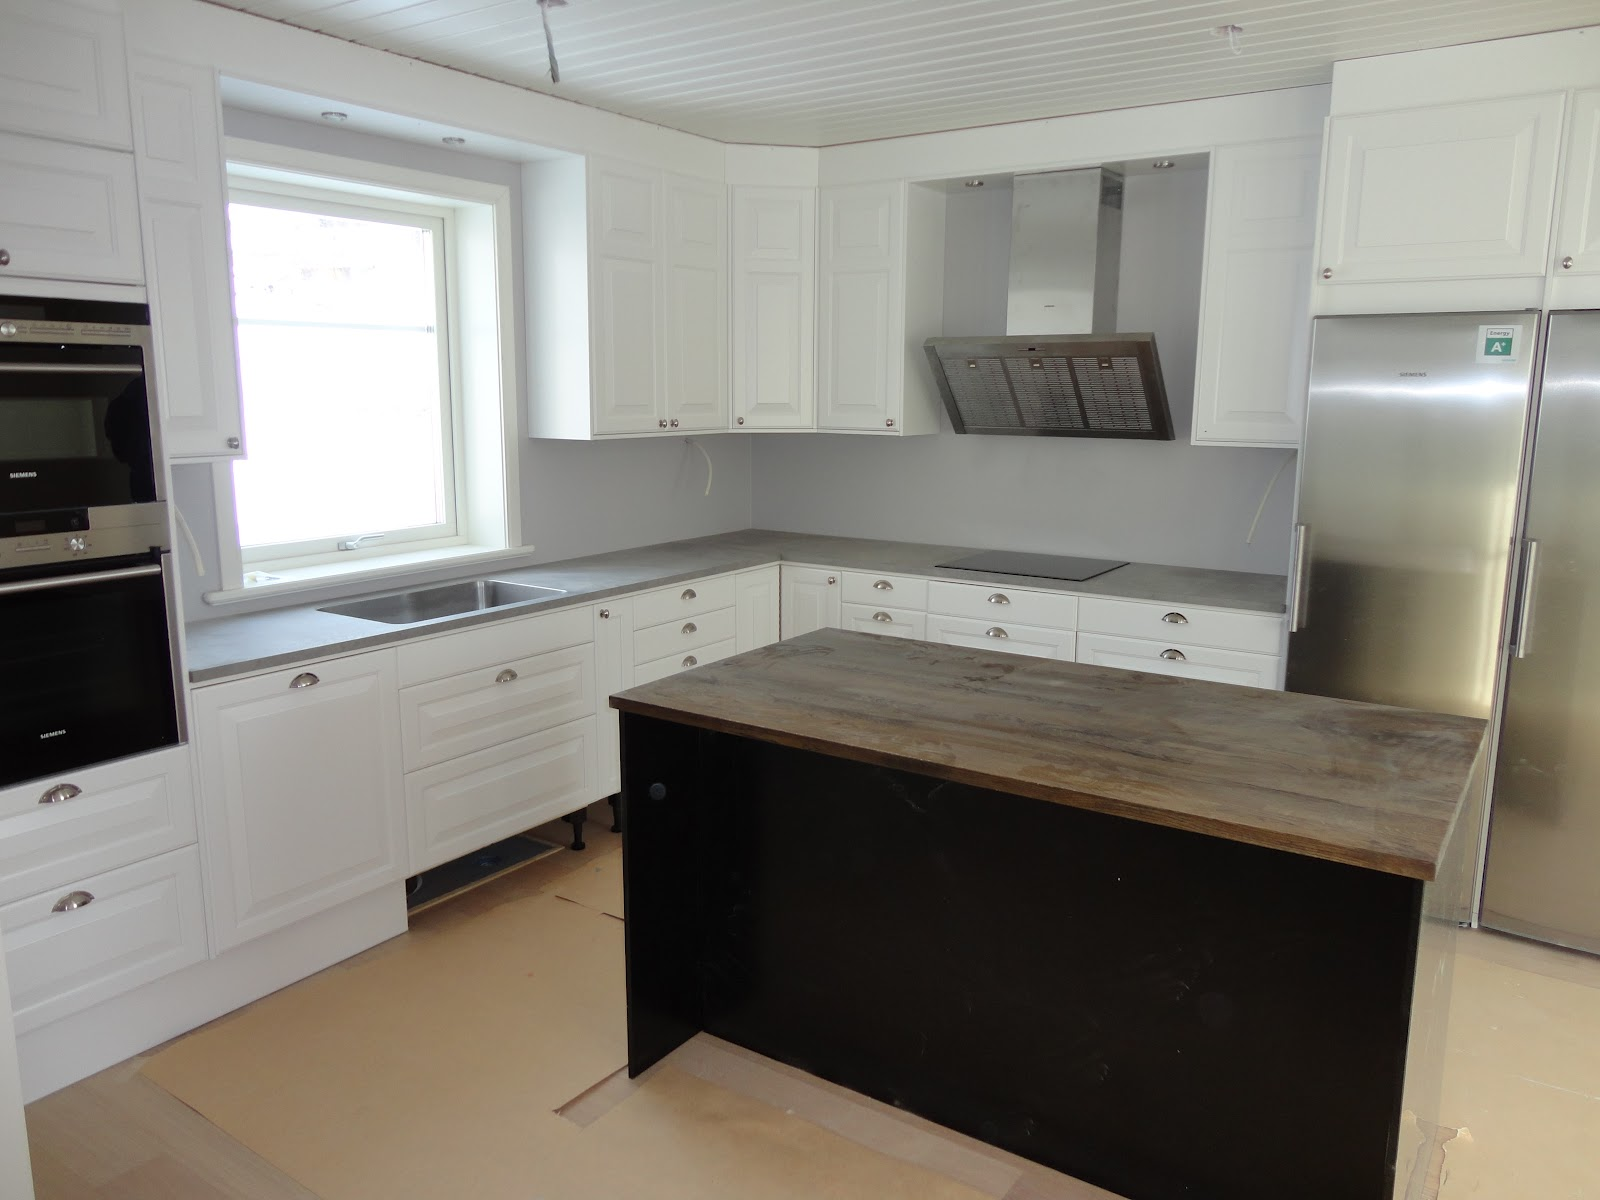 Nytt Hus På Ön: Bildkavalkad kök